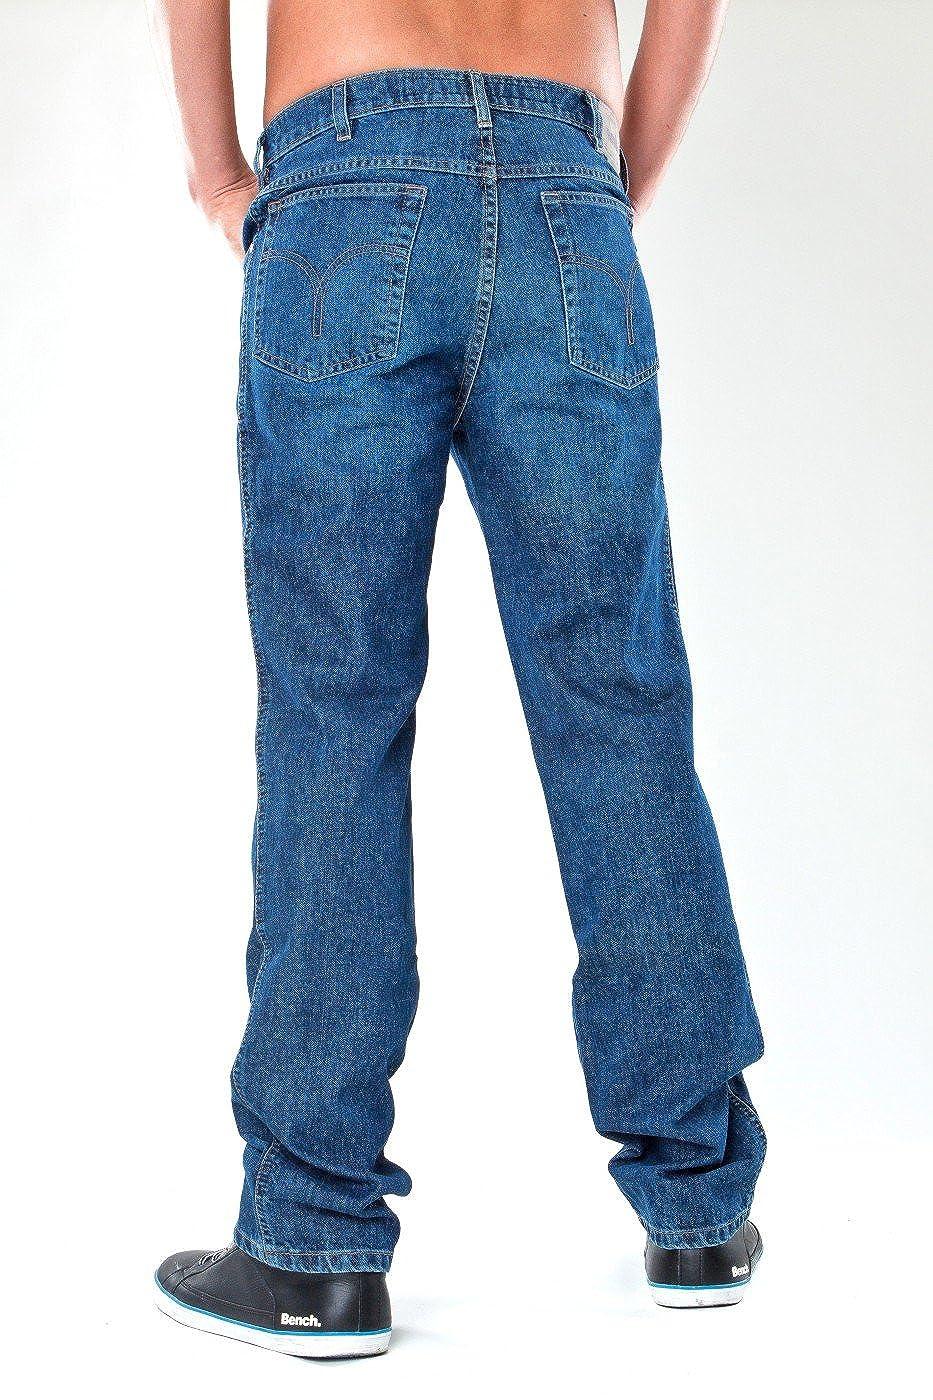 Classique V Revils Jeans Indigo Stretch 242 302 En Pantalon De UTwHntxUq